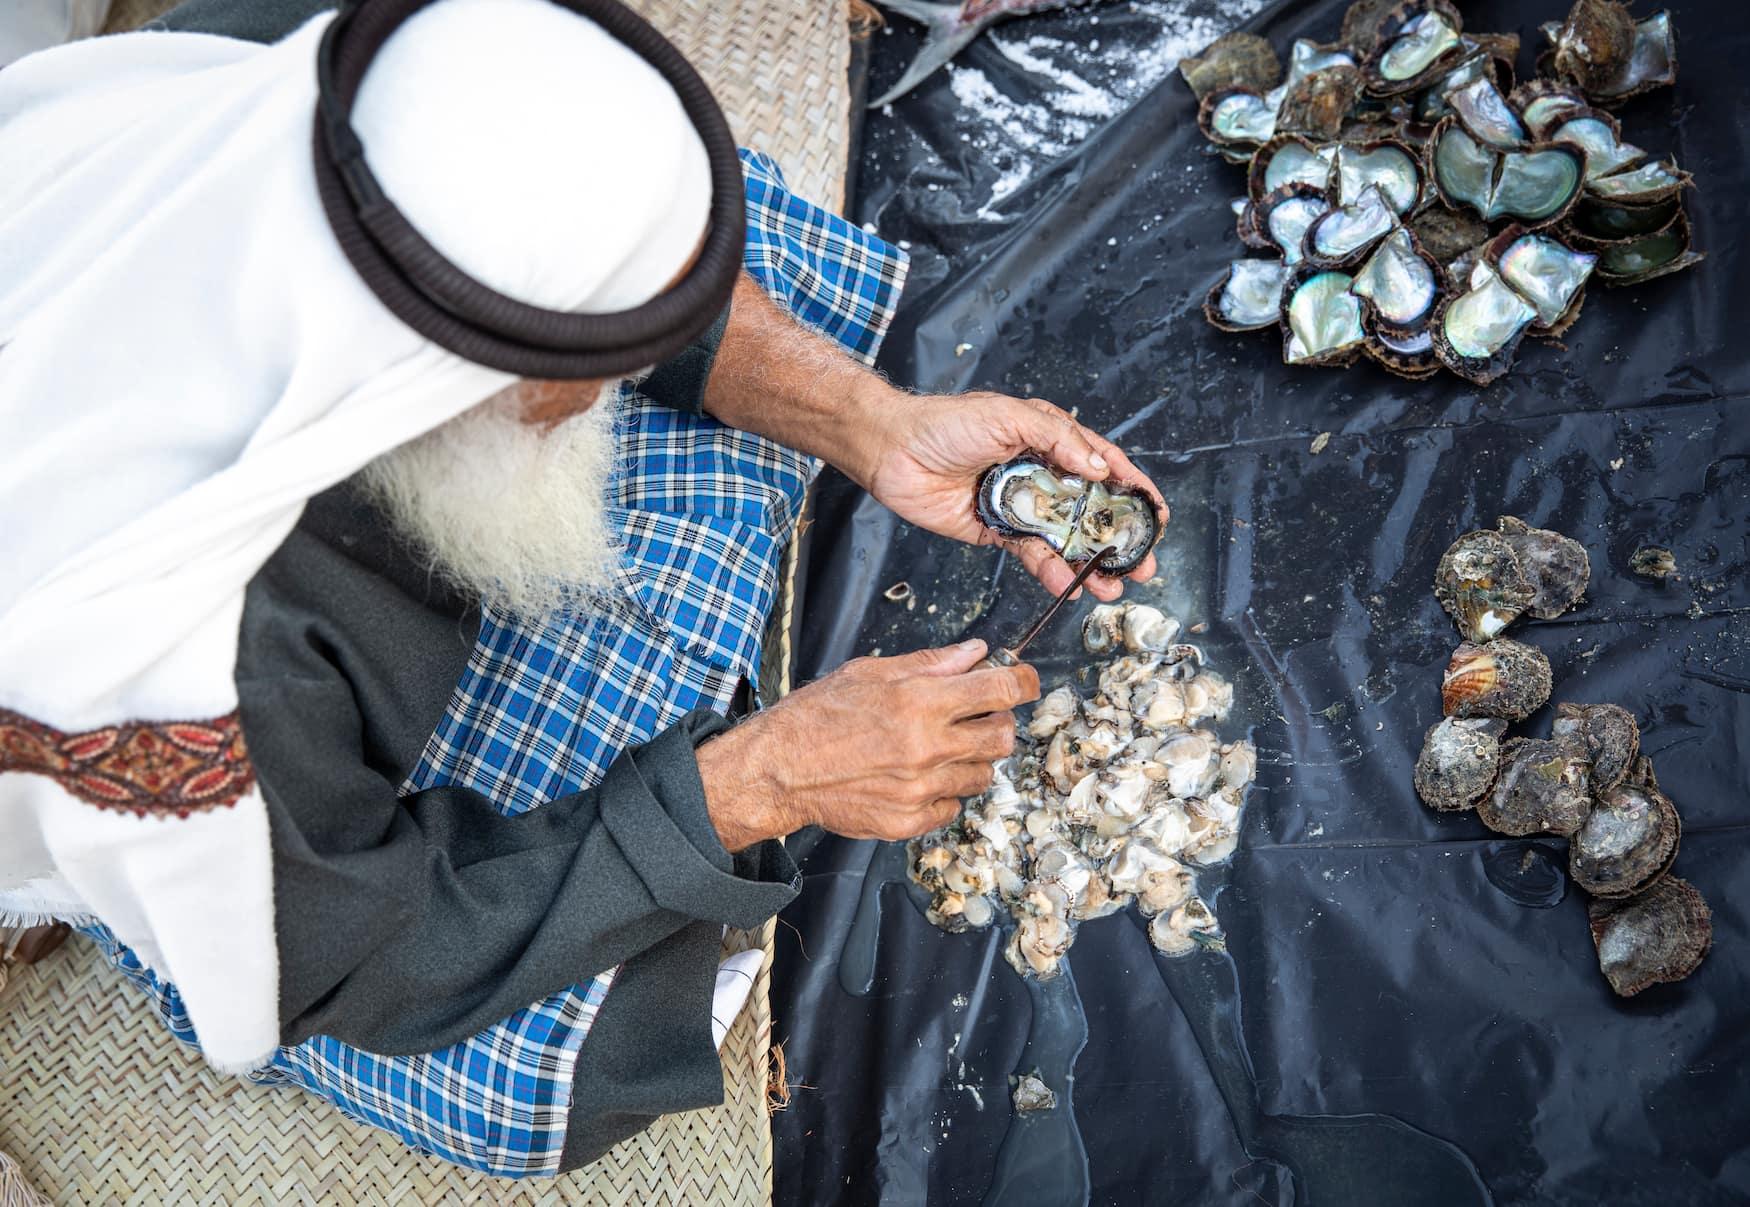 Mann öffnet Austern und Sicht Perlen am Hafen von Abu Dhabi